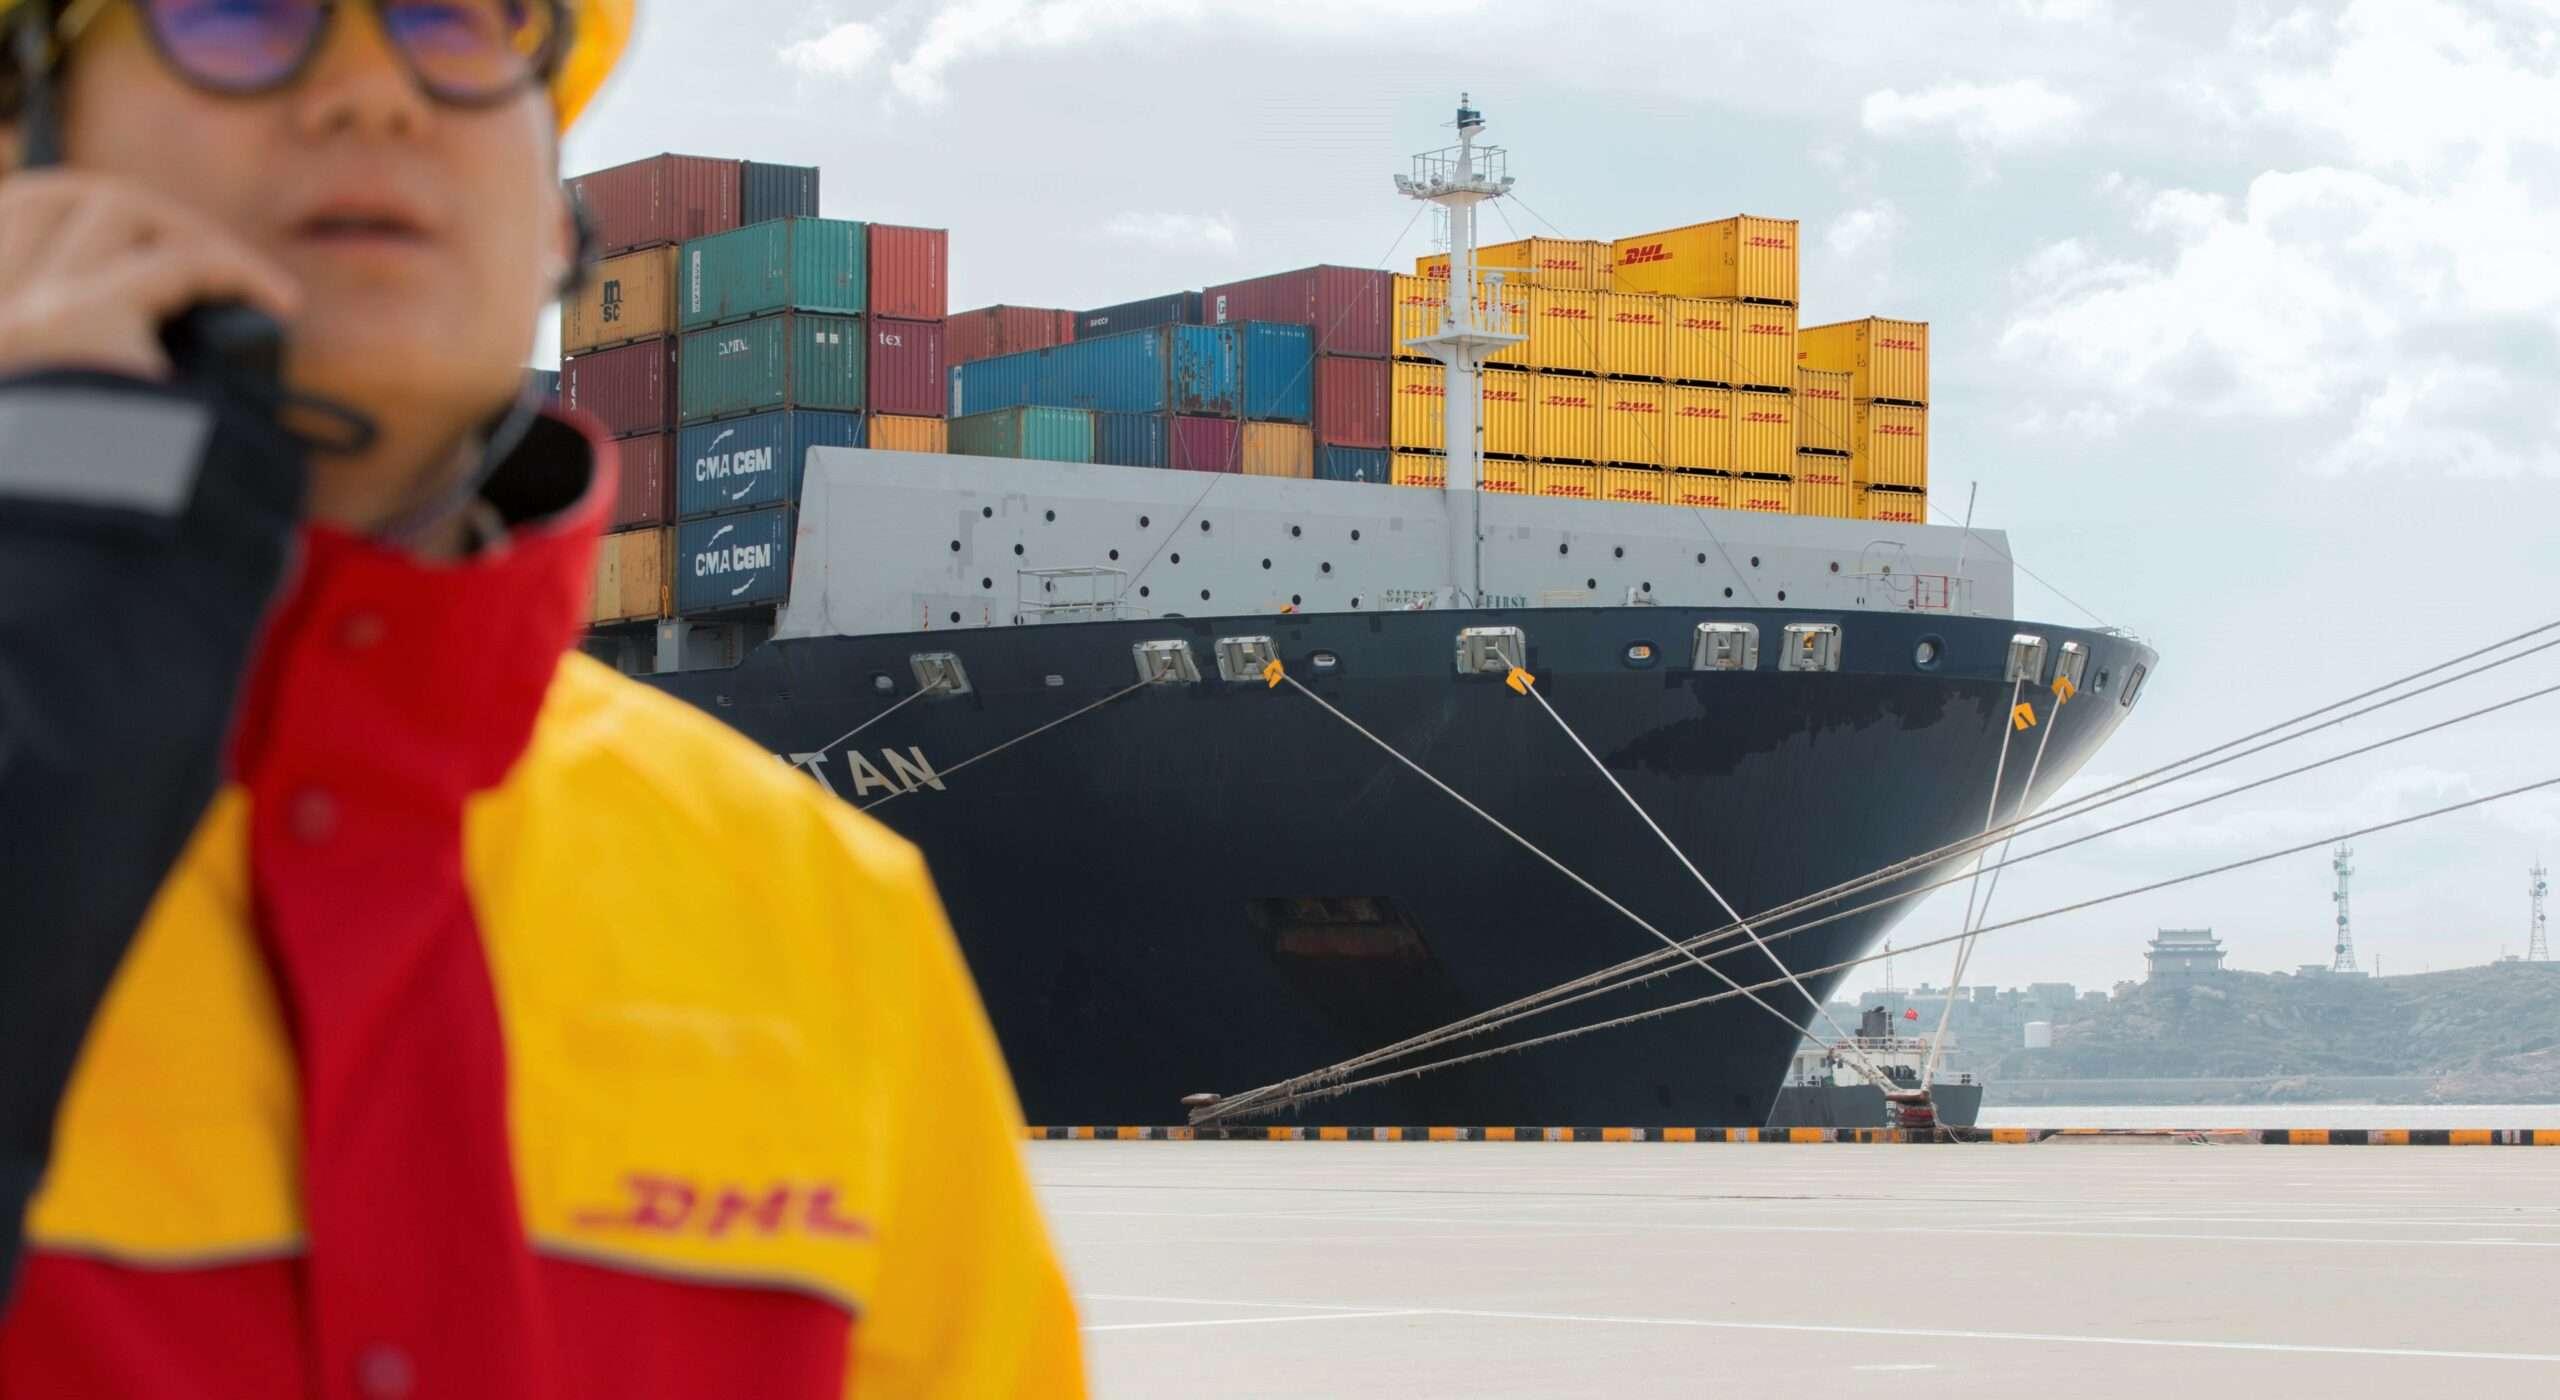 DHL reportó avances en su servicio expreso multimodal para cargas desde Asia a América Latina